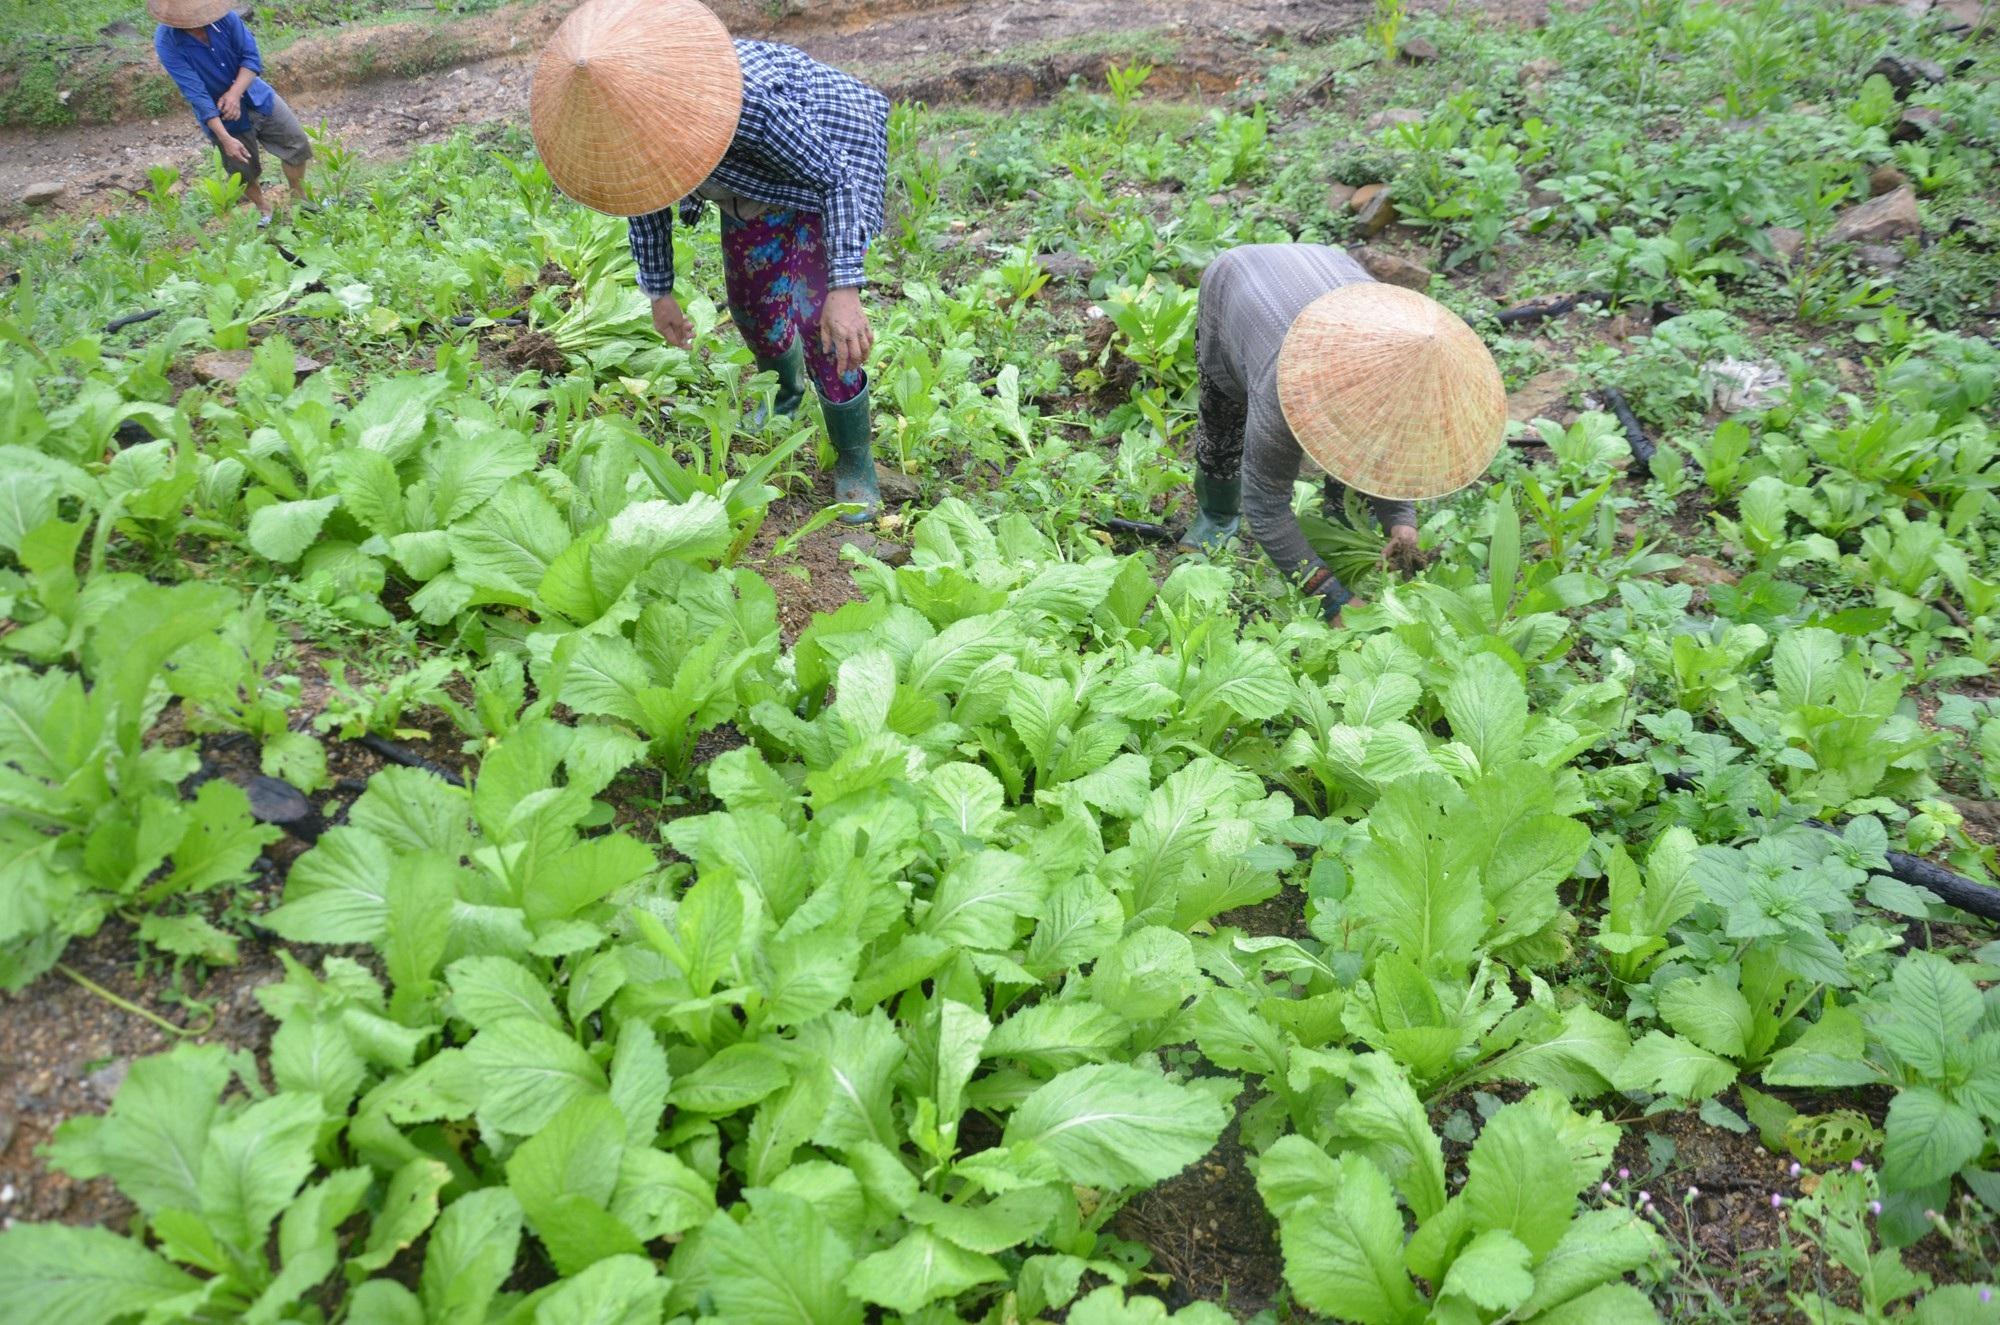 Trồng cải trên núi cao, nông dân thu nhập 400 - 500 ngàn đồng/ngày - Ảnh 2.